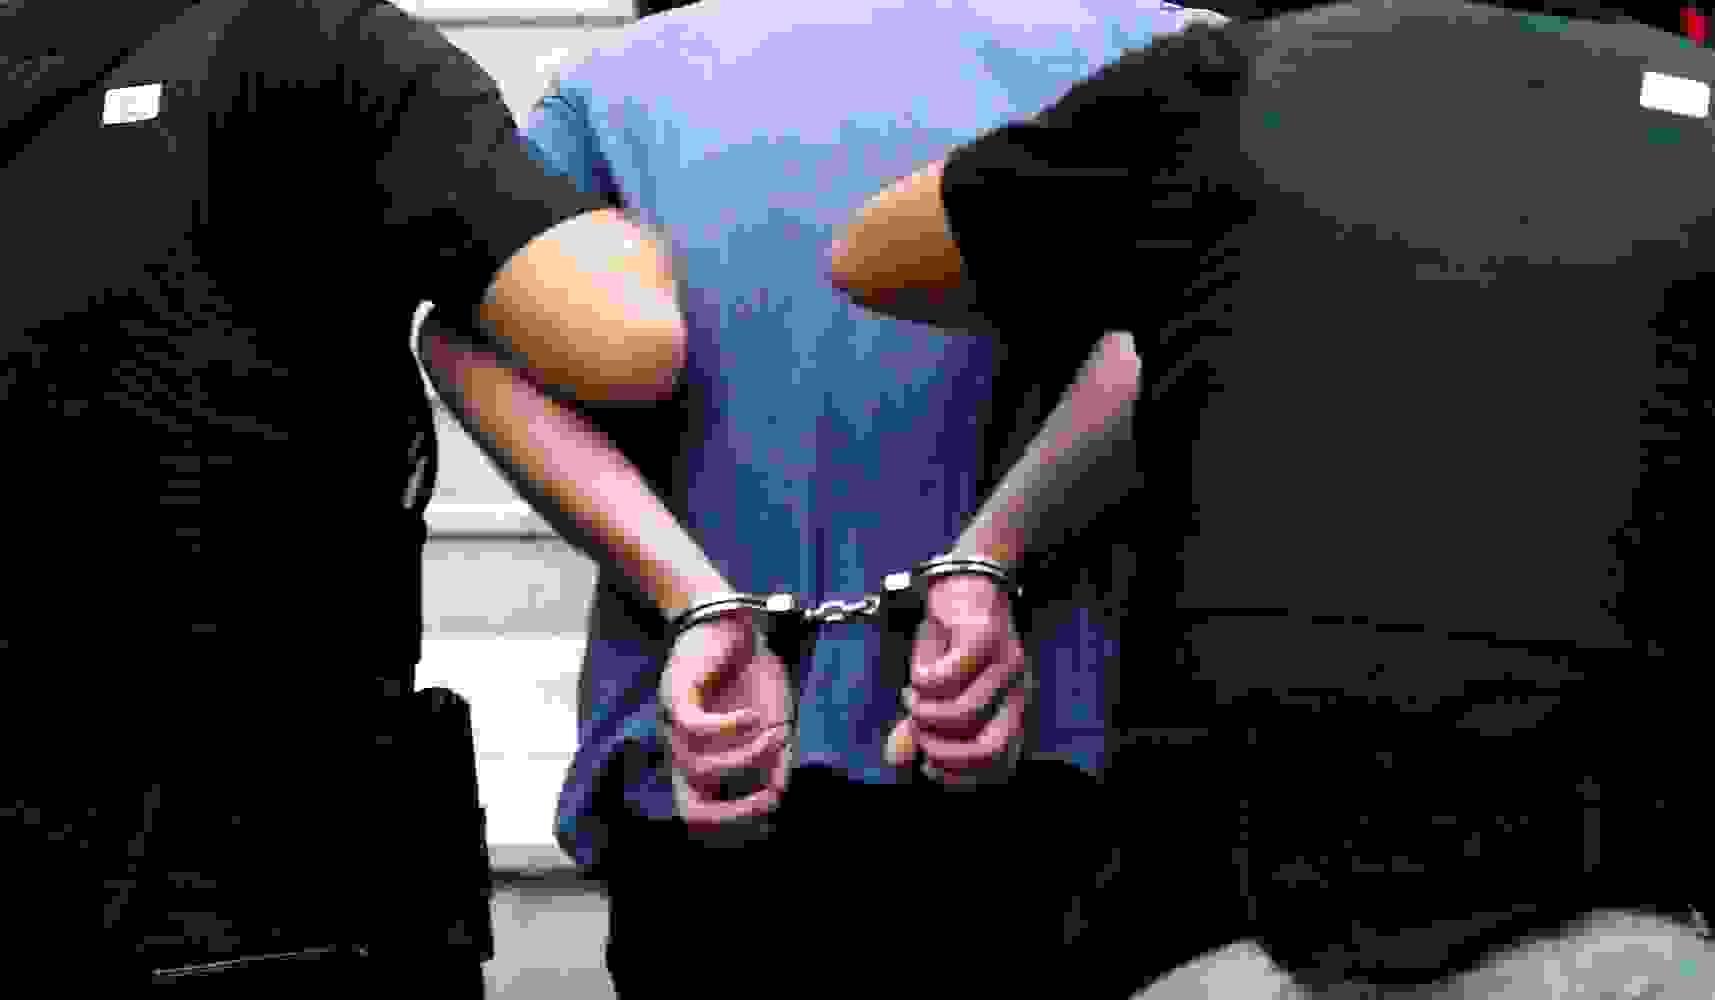 Συνελήφθησαν τέσσερις ημεδαποί για κλοπή στην Κεφαλονιά